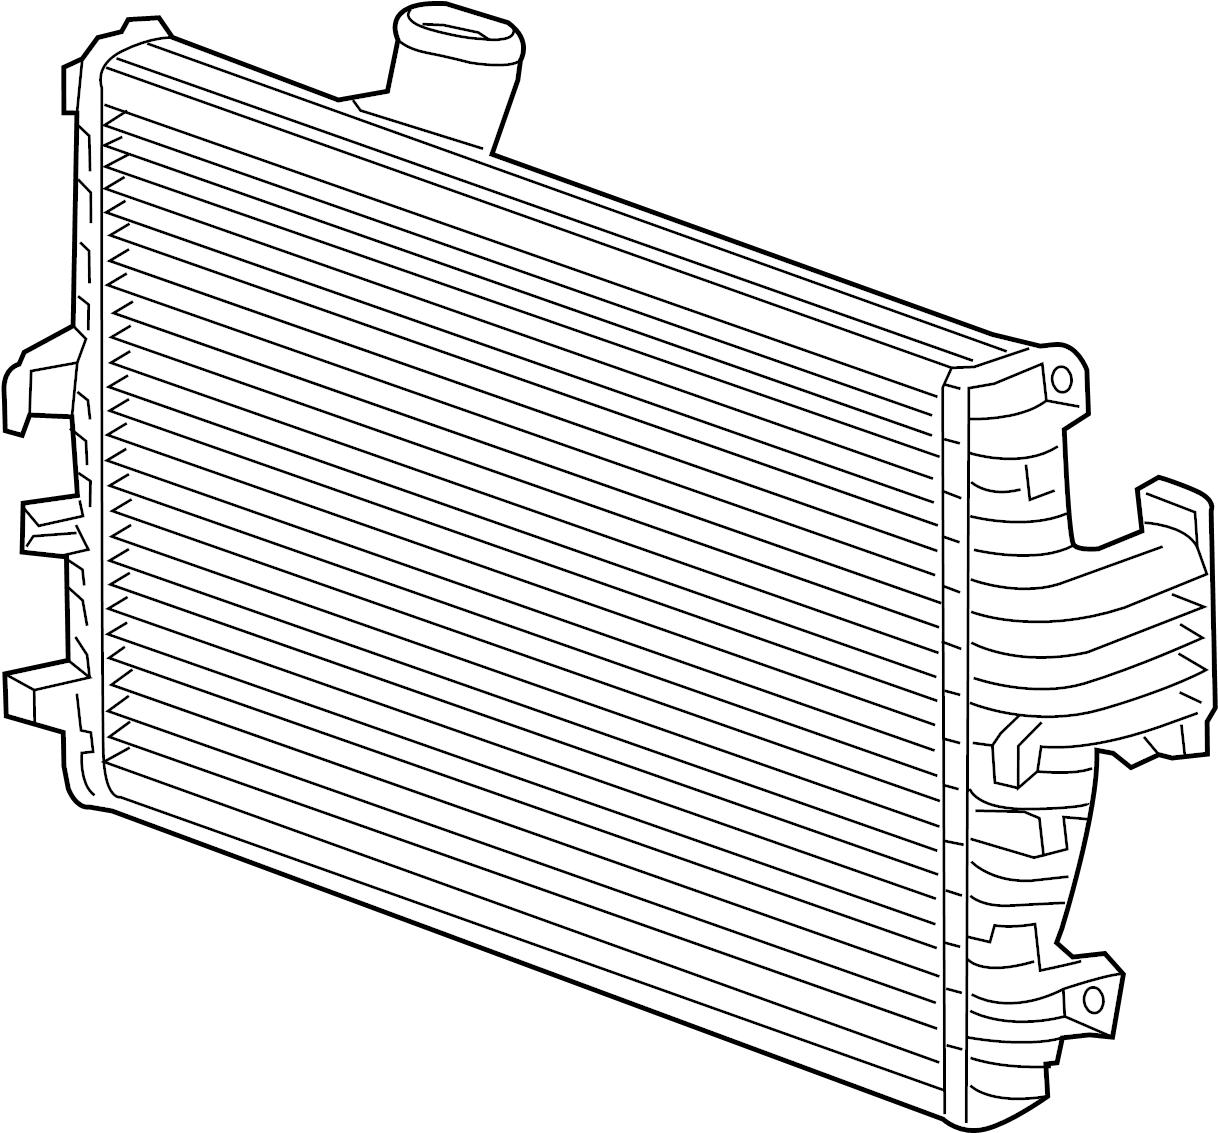 Jaguar Xf Intercooler Outlet Duct Gasket Turbocharger